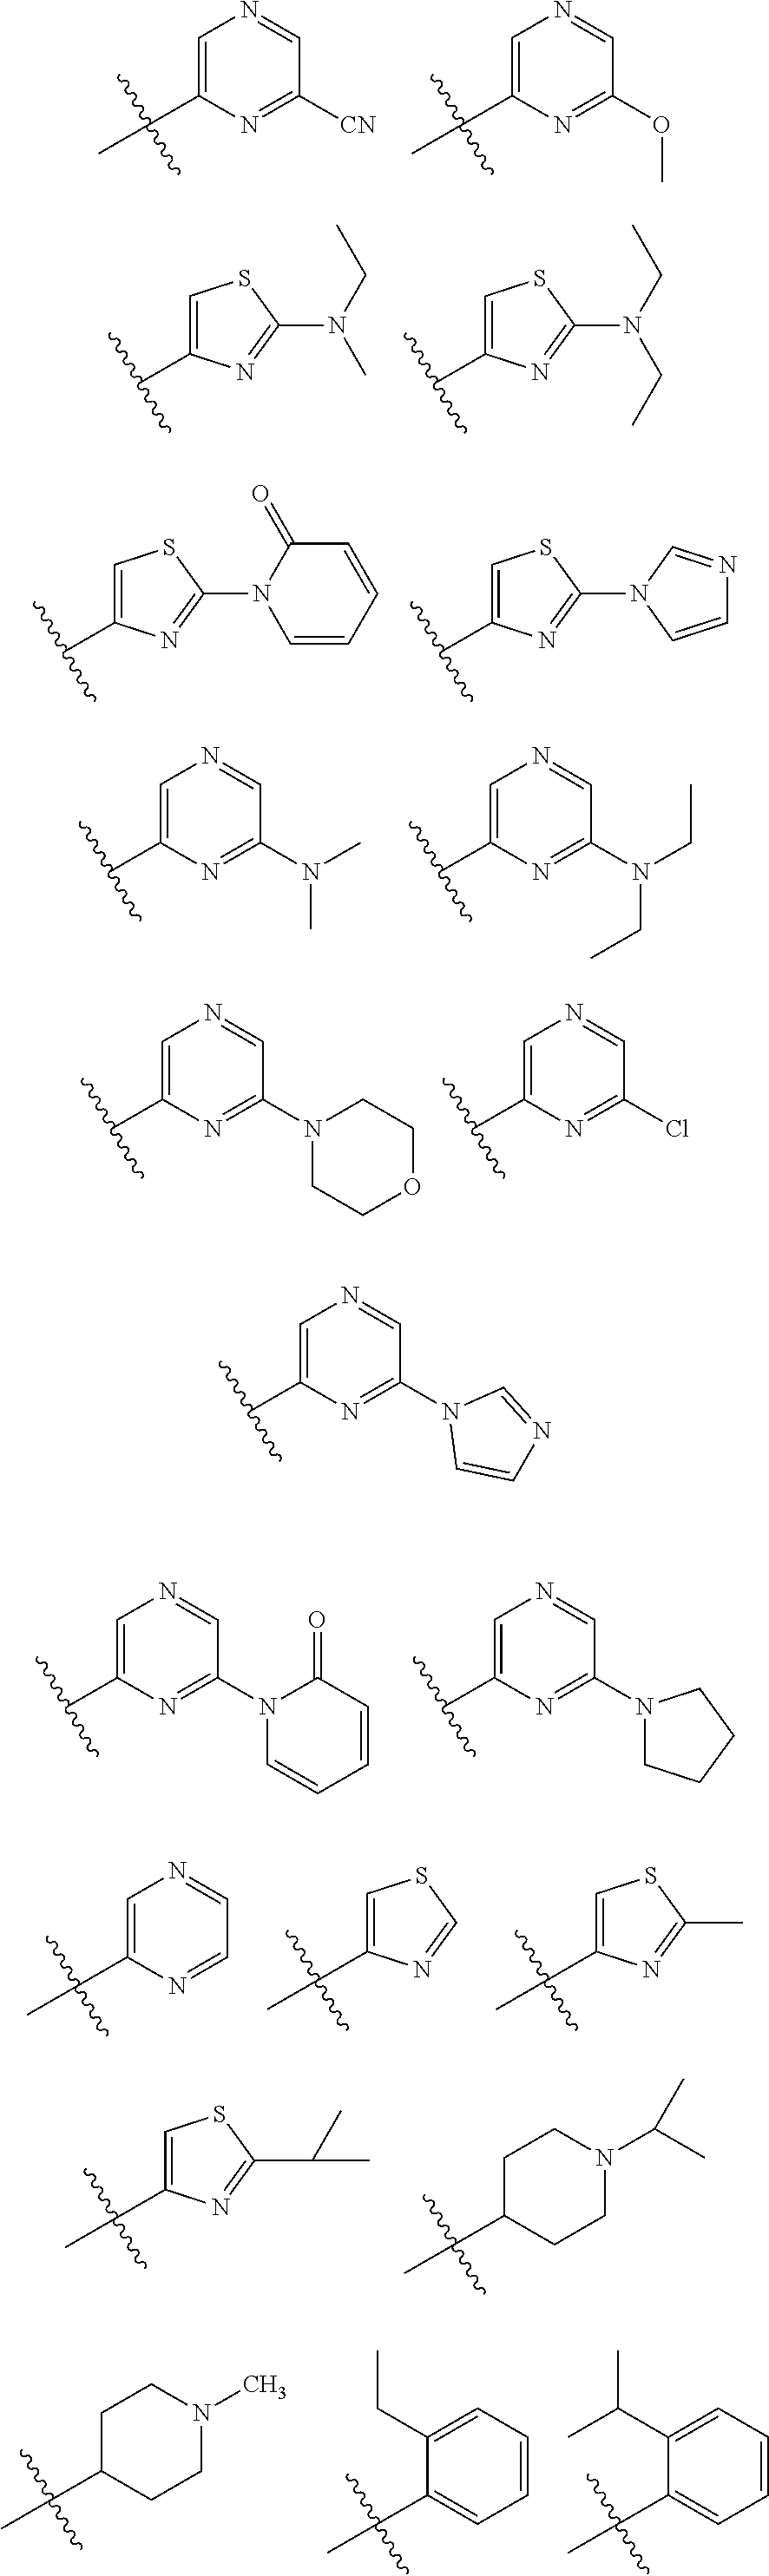 Figure US08193182-20120605-C00026